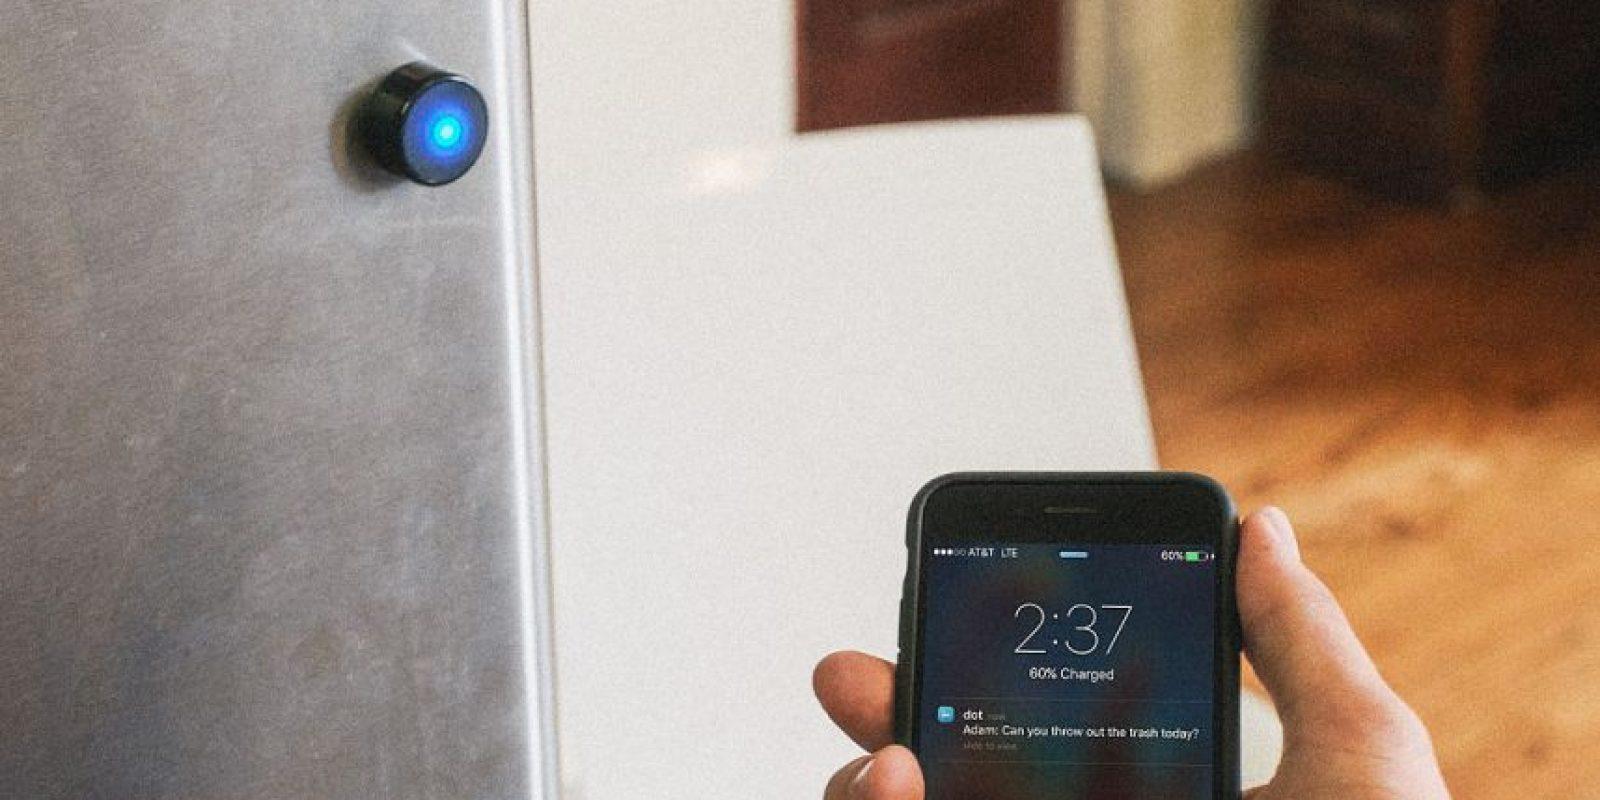 El dispositivo, se conecta a tu teléfono inteligente a través de Bluetooth 4.0 Foto:doteverything.co